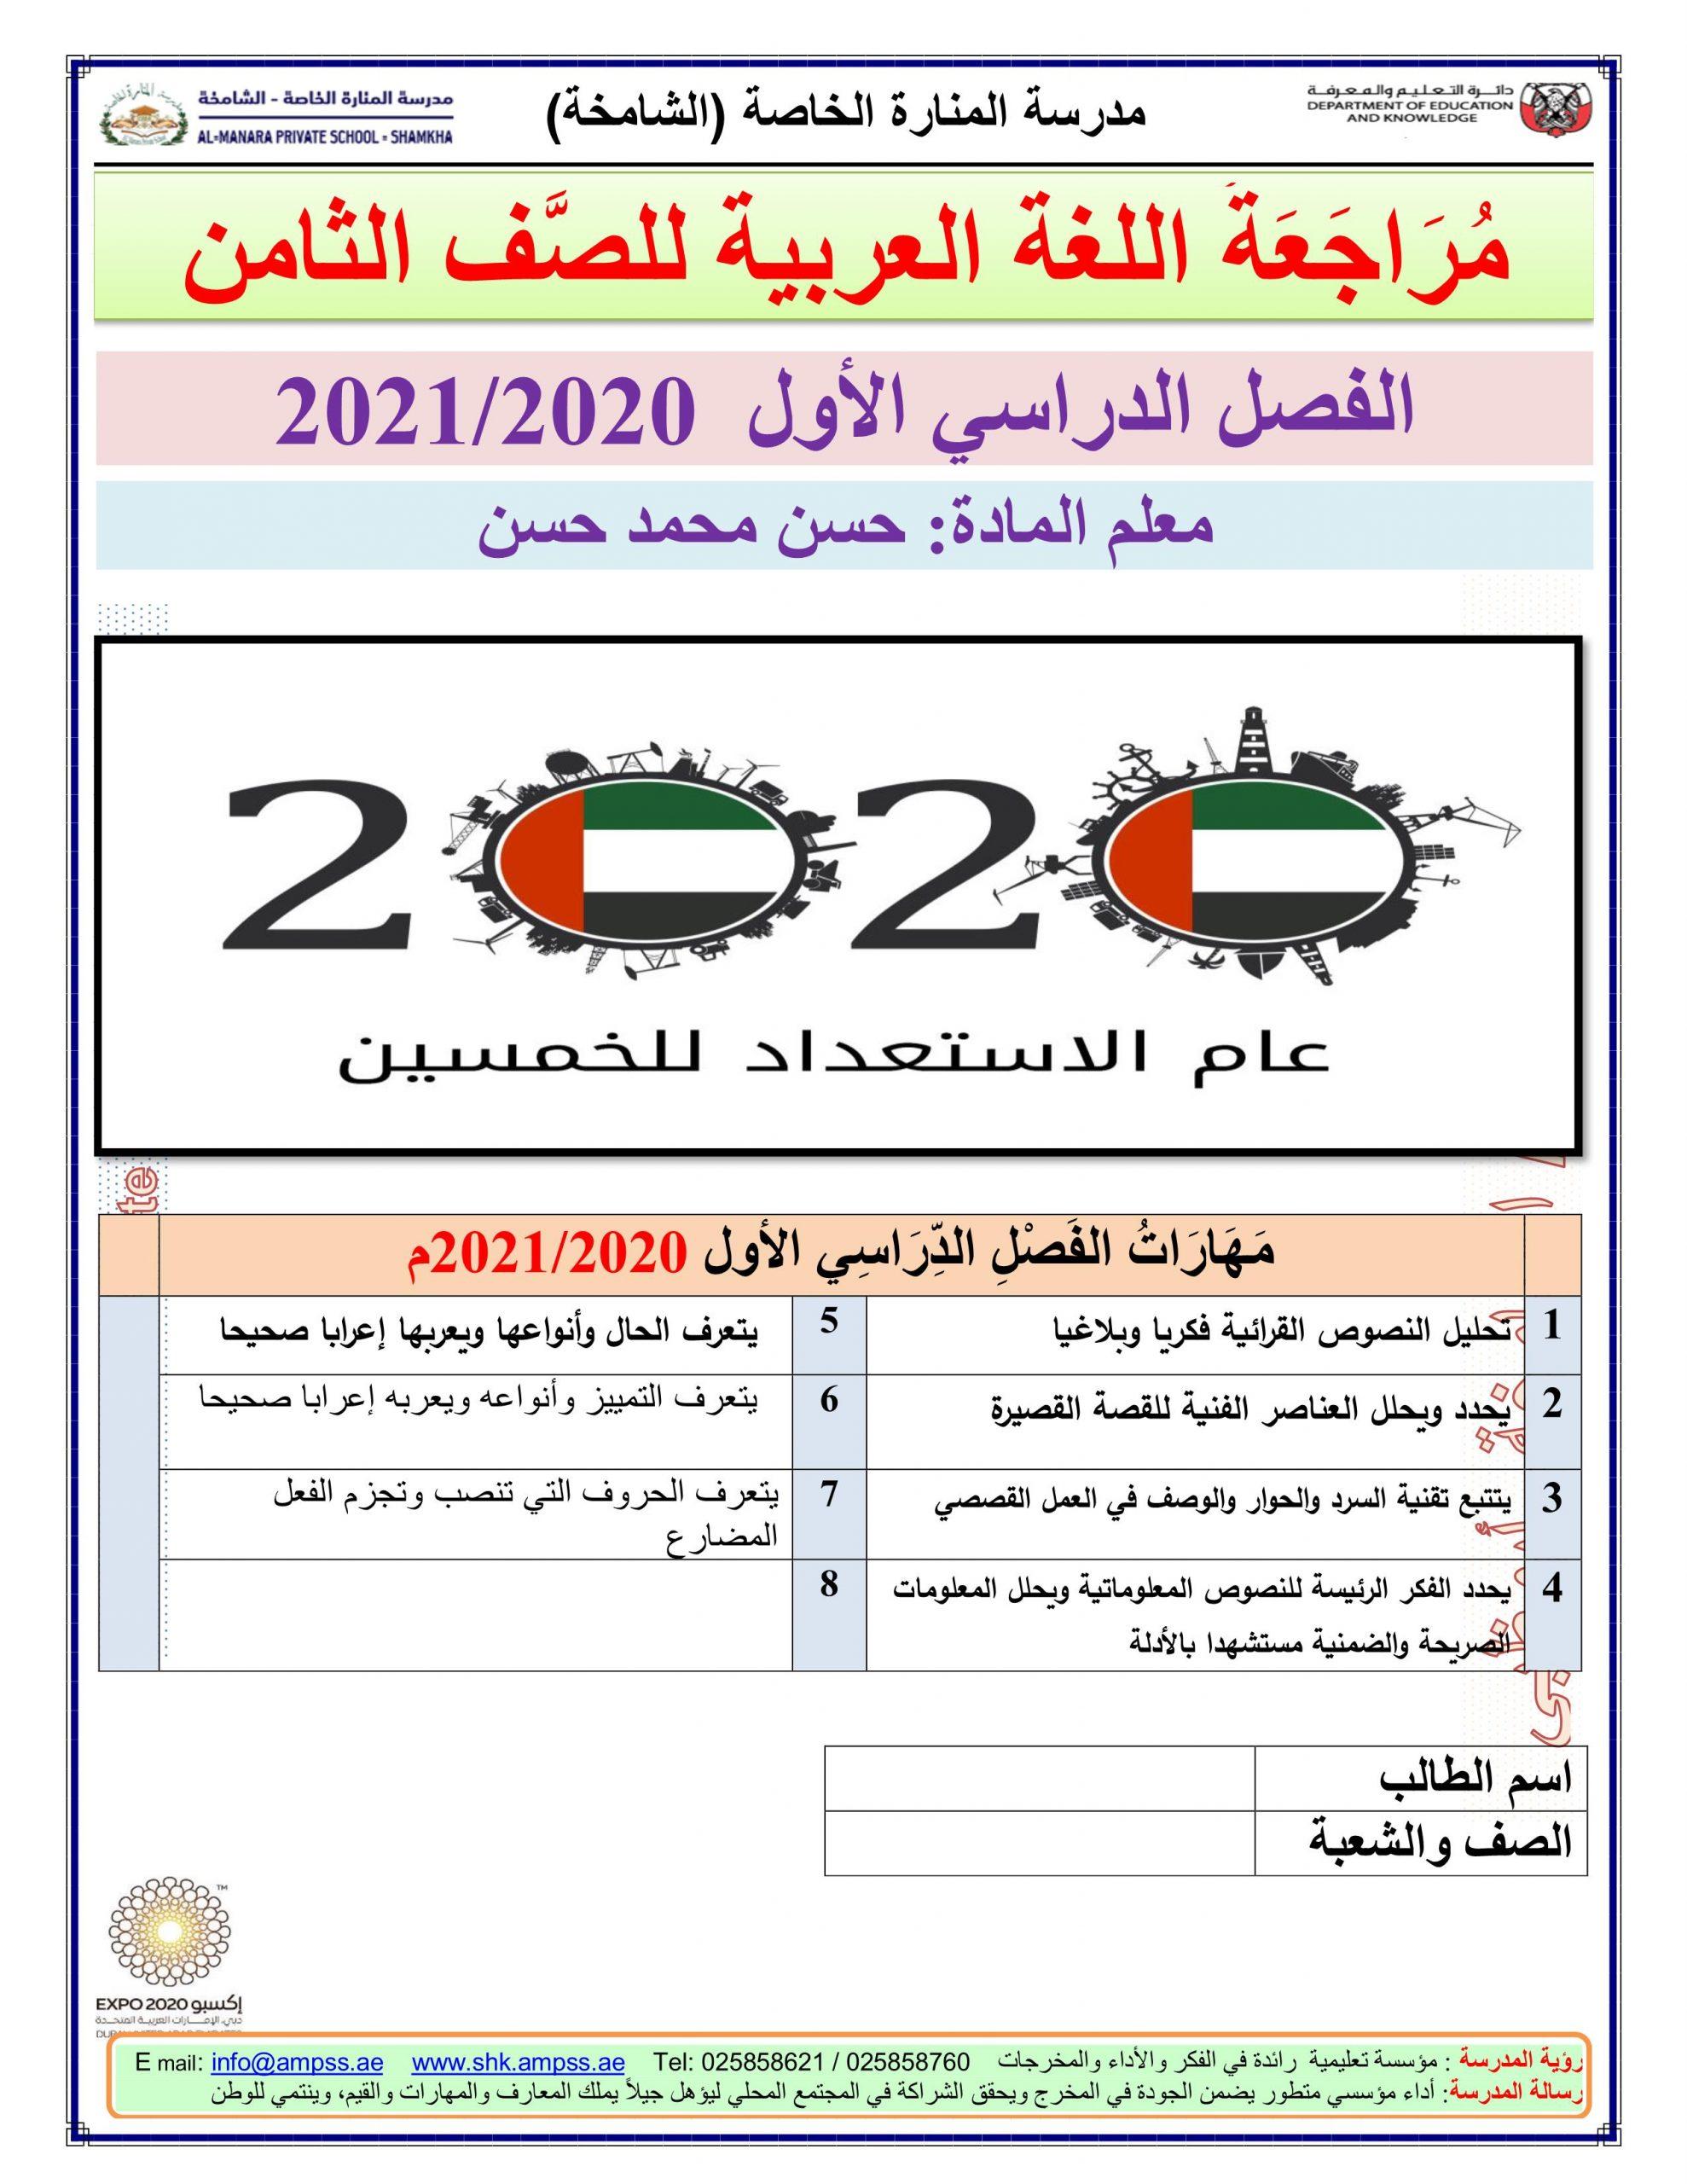 اوراق عمل مراجعة نهائية الصف الثامن مادة اللغة العربية